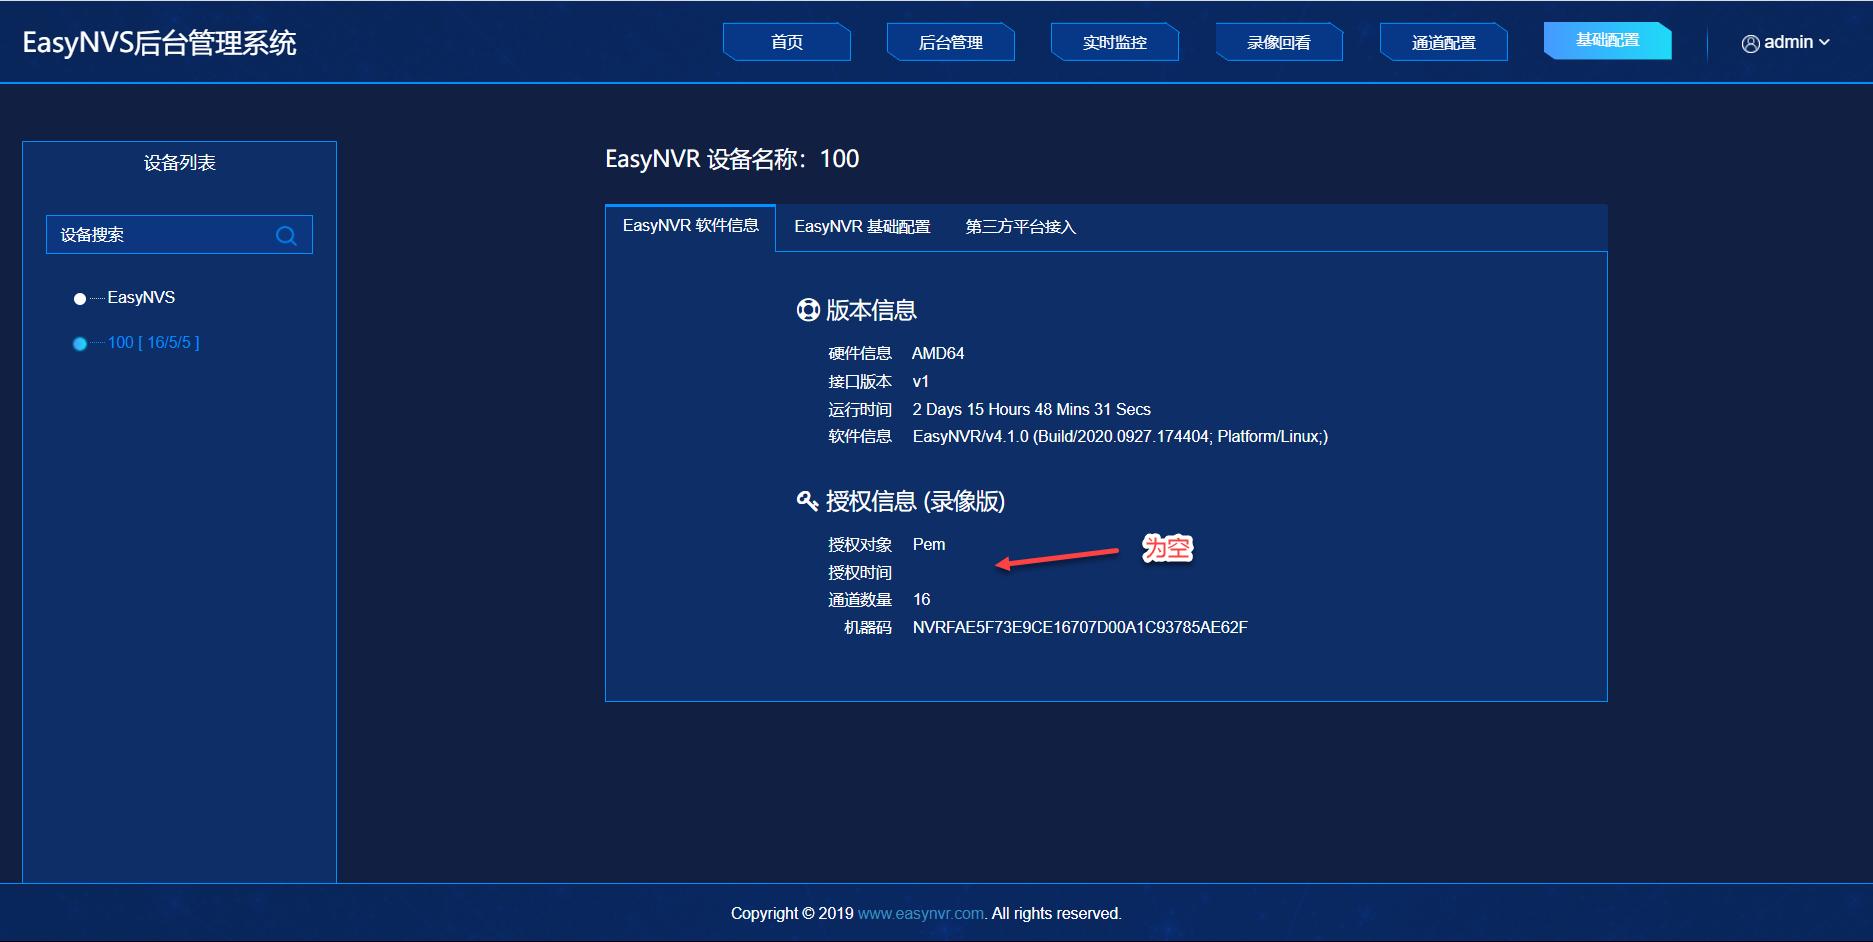 【疑难解答】网络摄像头RTSP协议视频平台EasyNVR临时授权时间不显示在EasyNVS云管理平台上的原因排查?